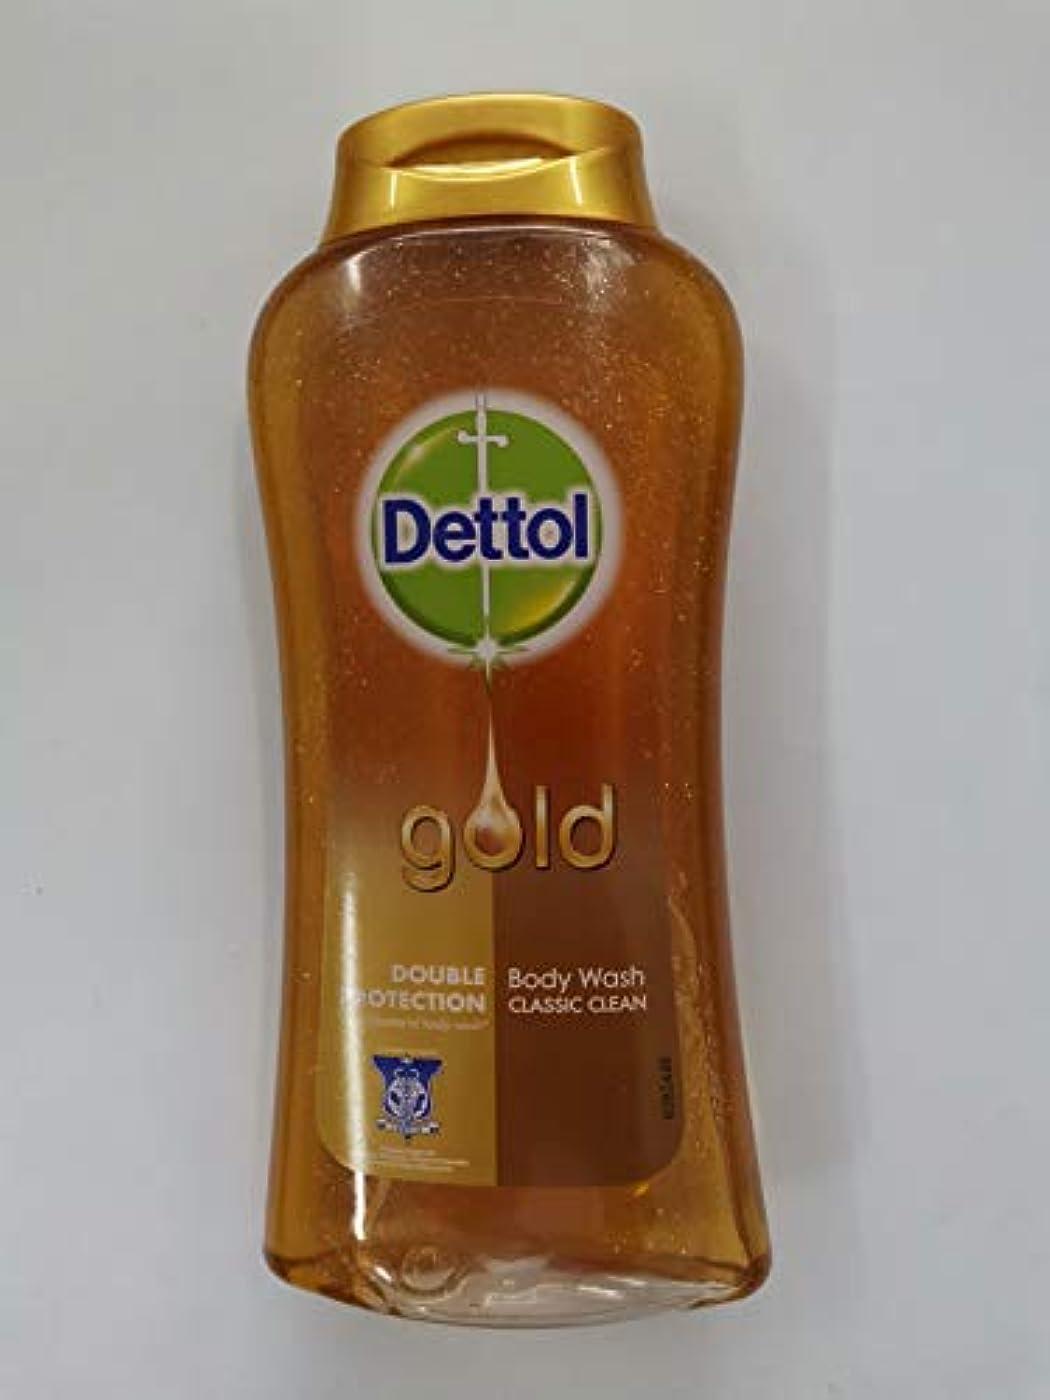 摩擦ショッピングセンター着飾るDettol クラシッククリーンボディローション250ミリリットル - 細菌非食用風呂-kills 99.9% - 毎日の細菌を防ぎます